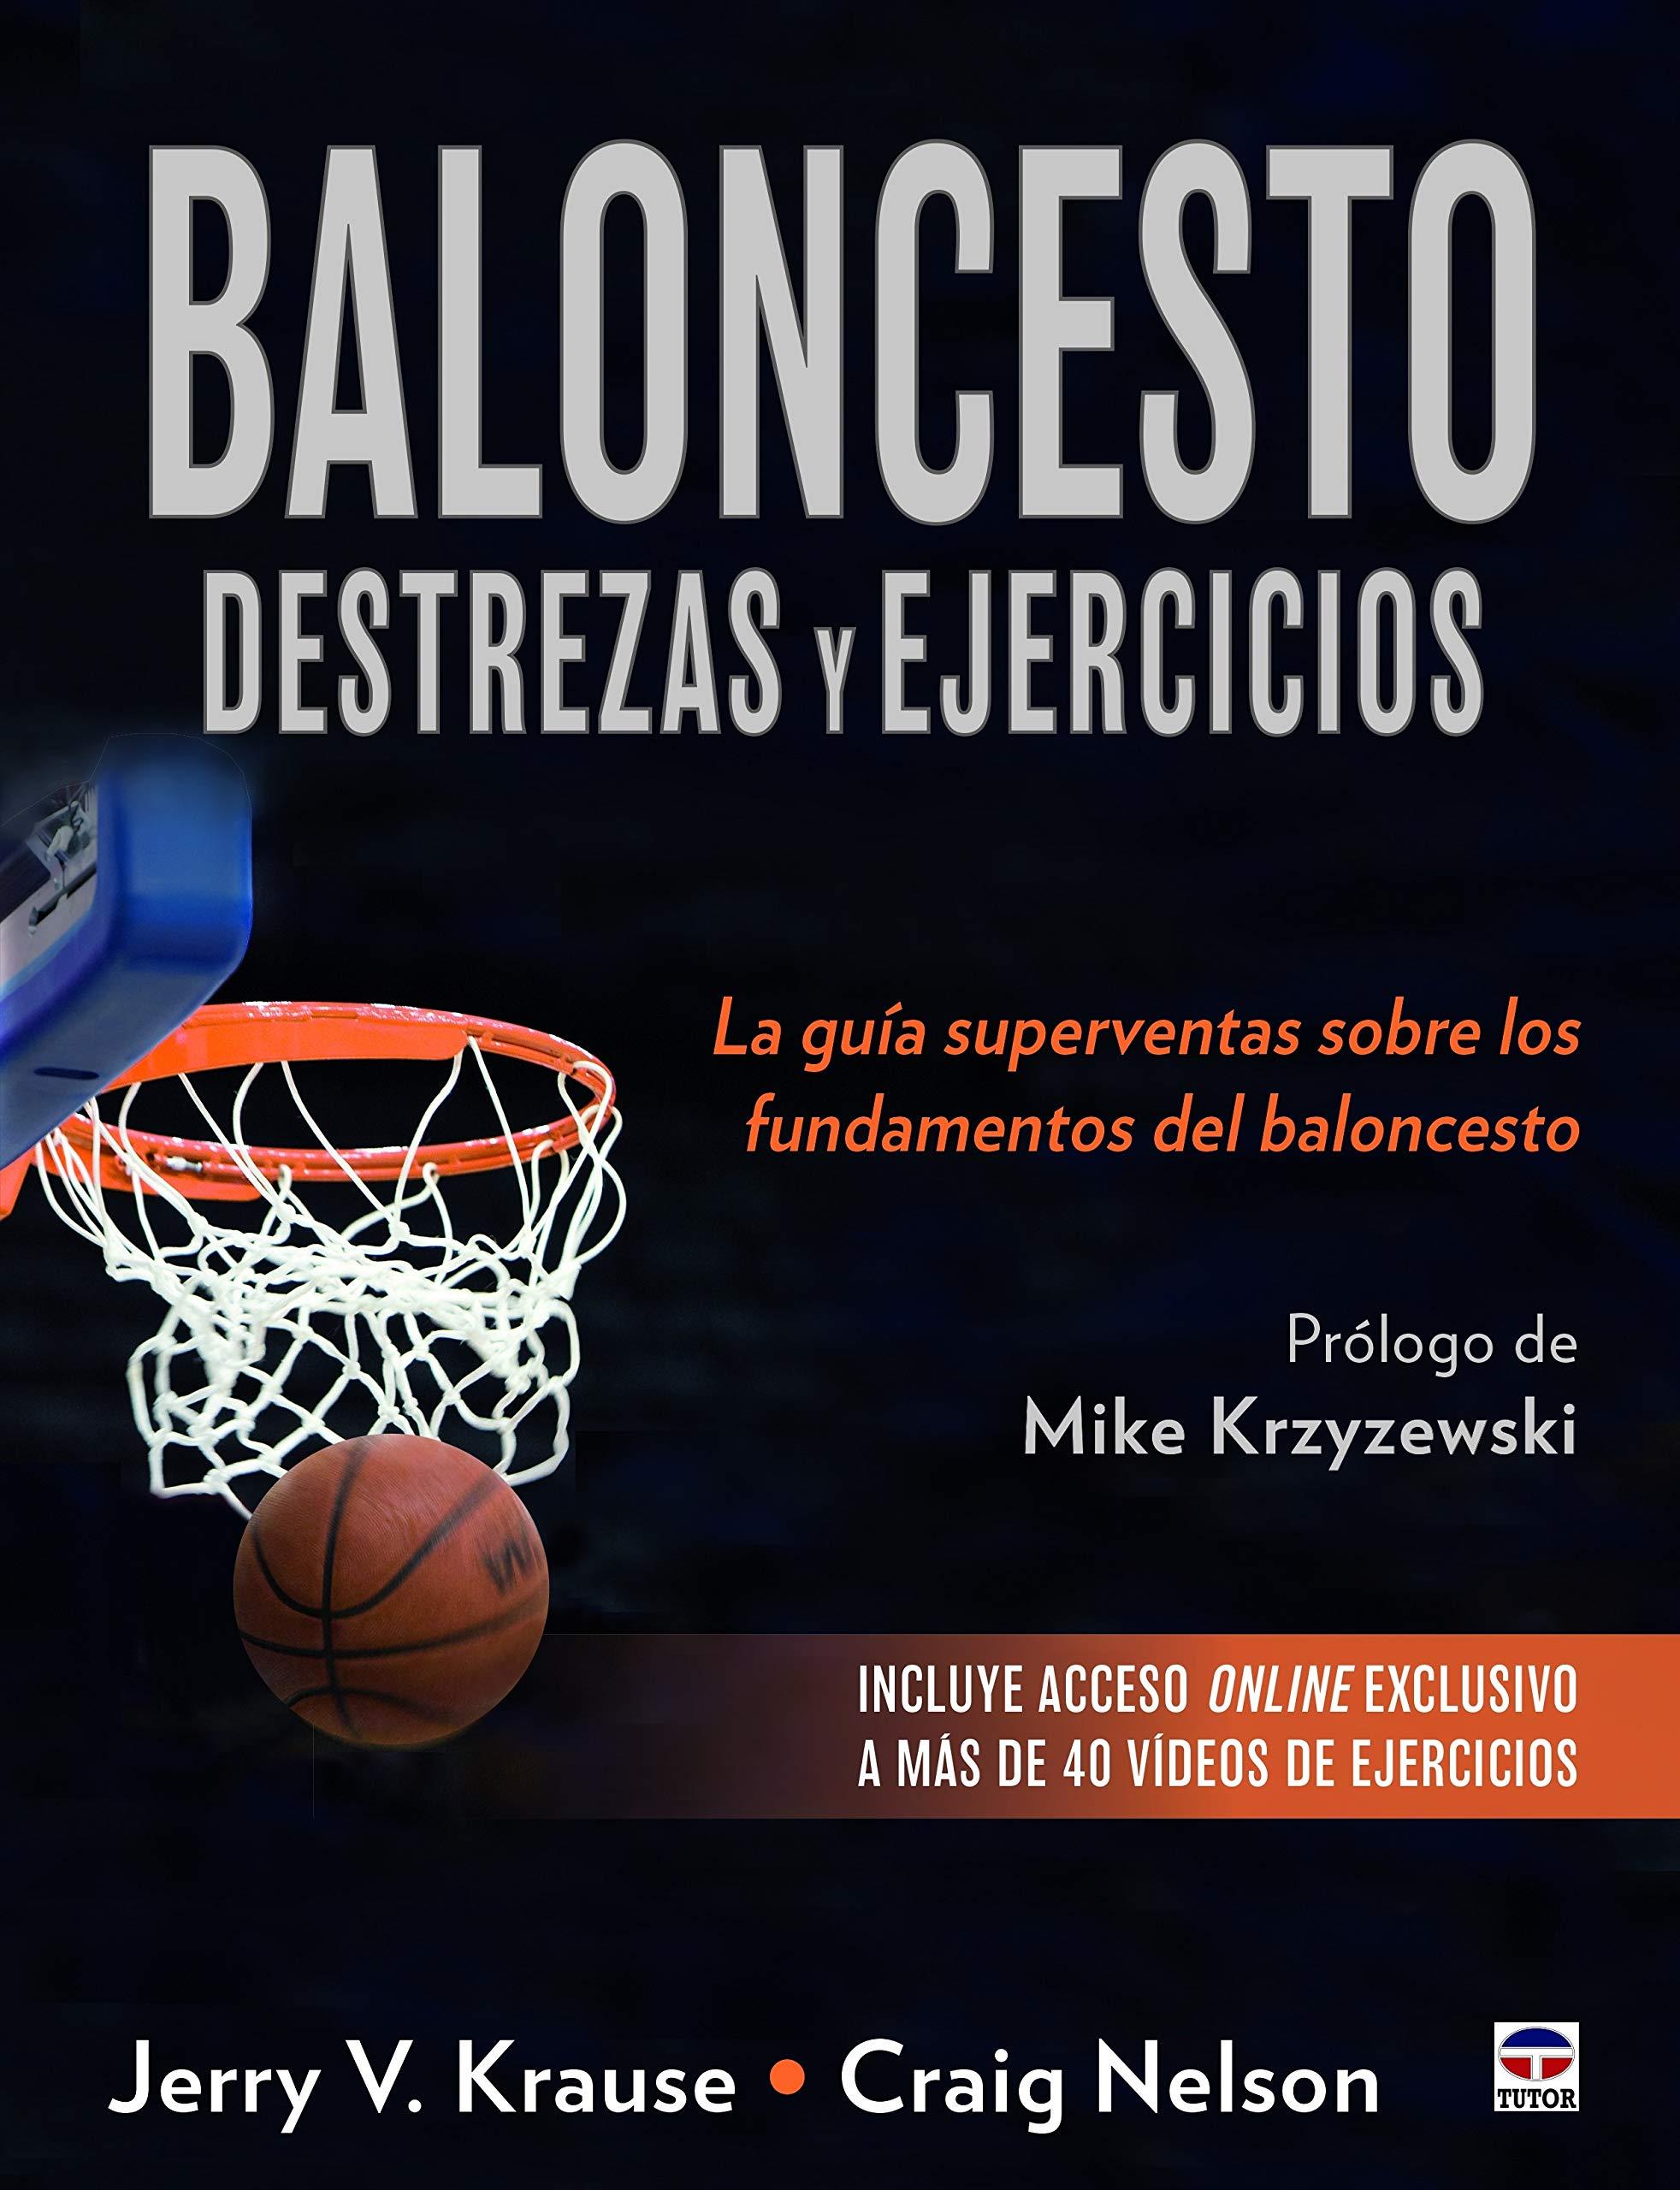 Baloncesto. Destrezas Y Ejercicios. La Guía Superventas Sobre Los Fundamentos Del Baloncesto